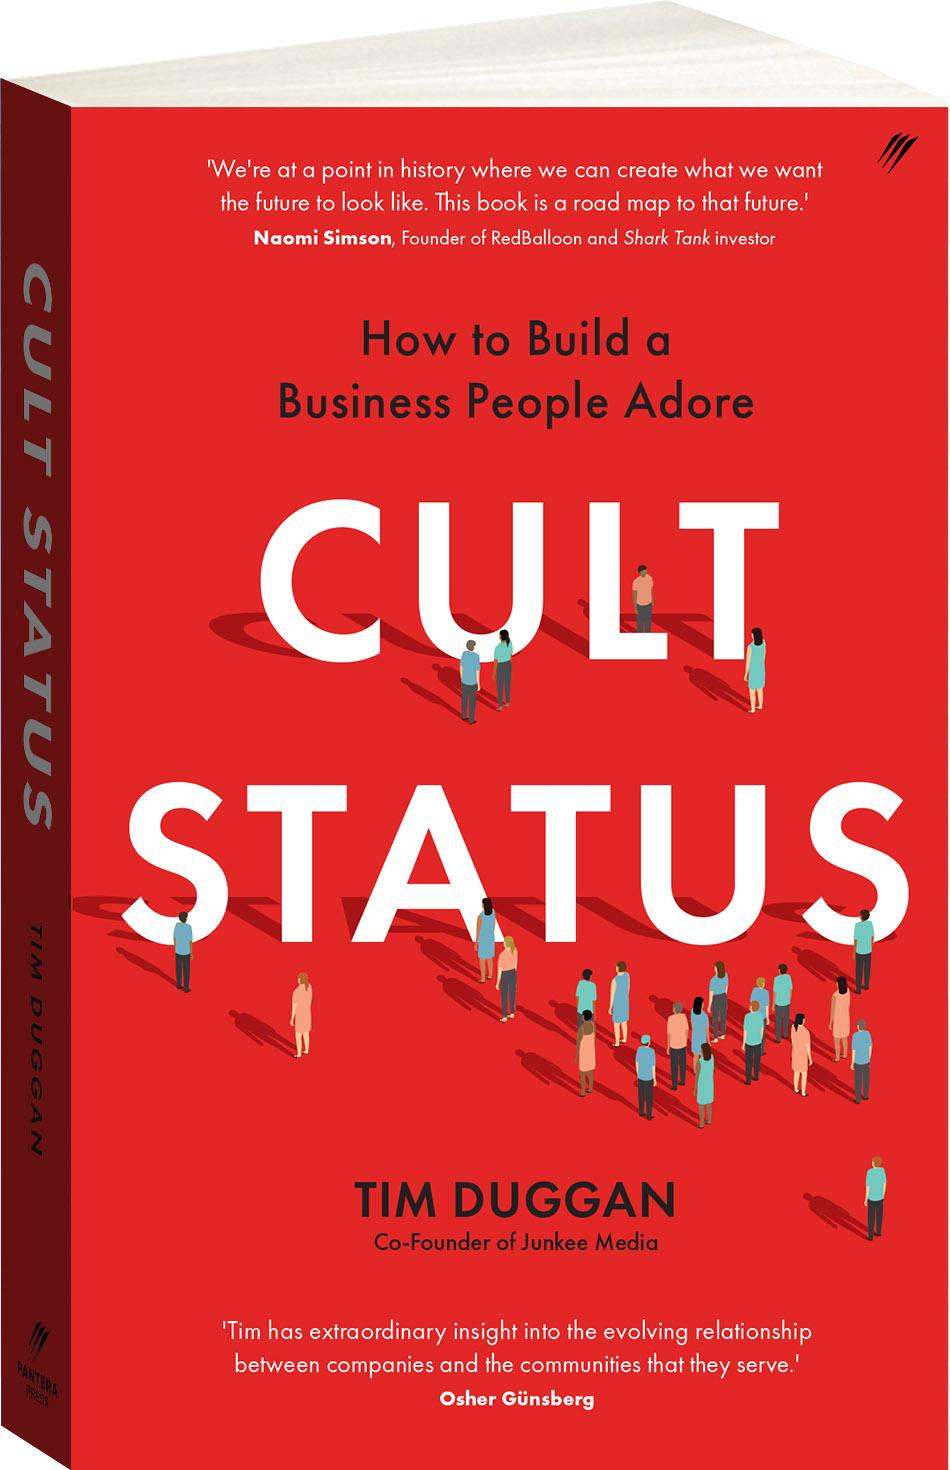 Cult Status Cover Image